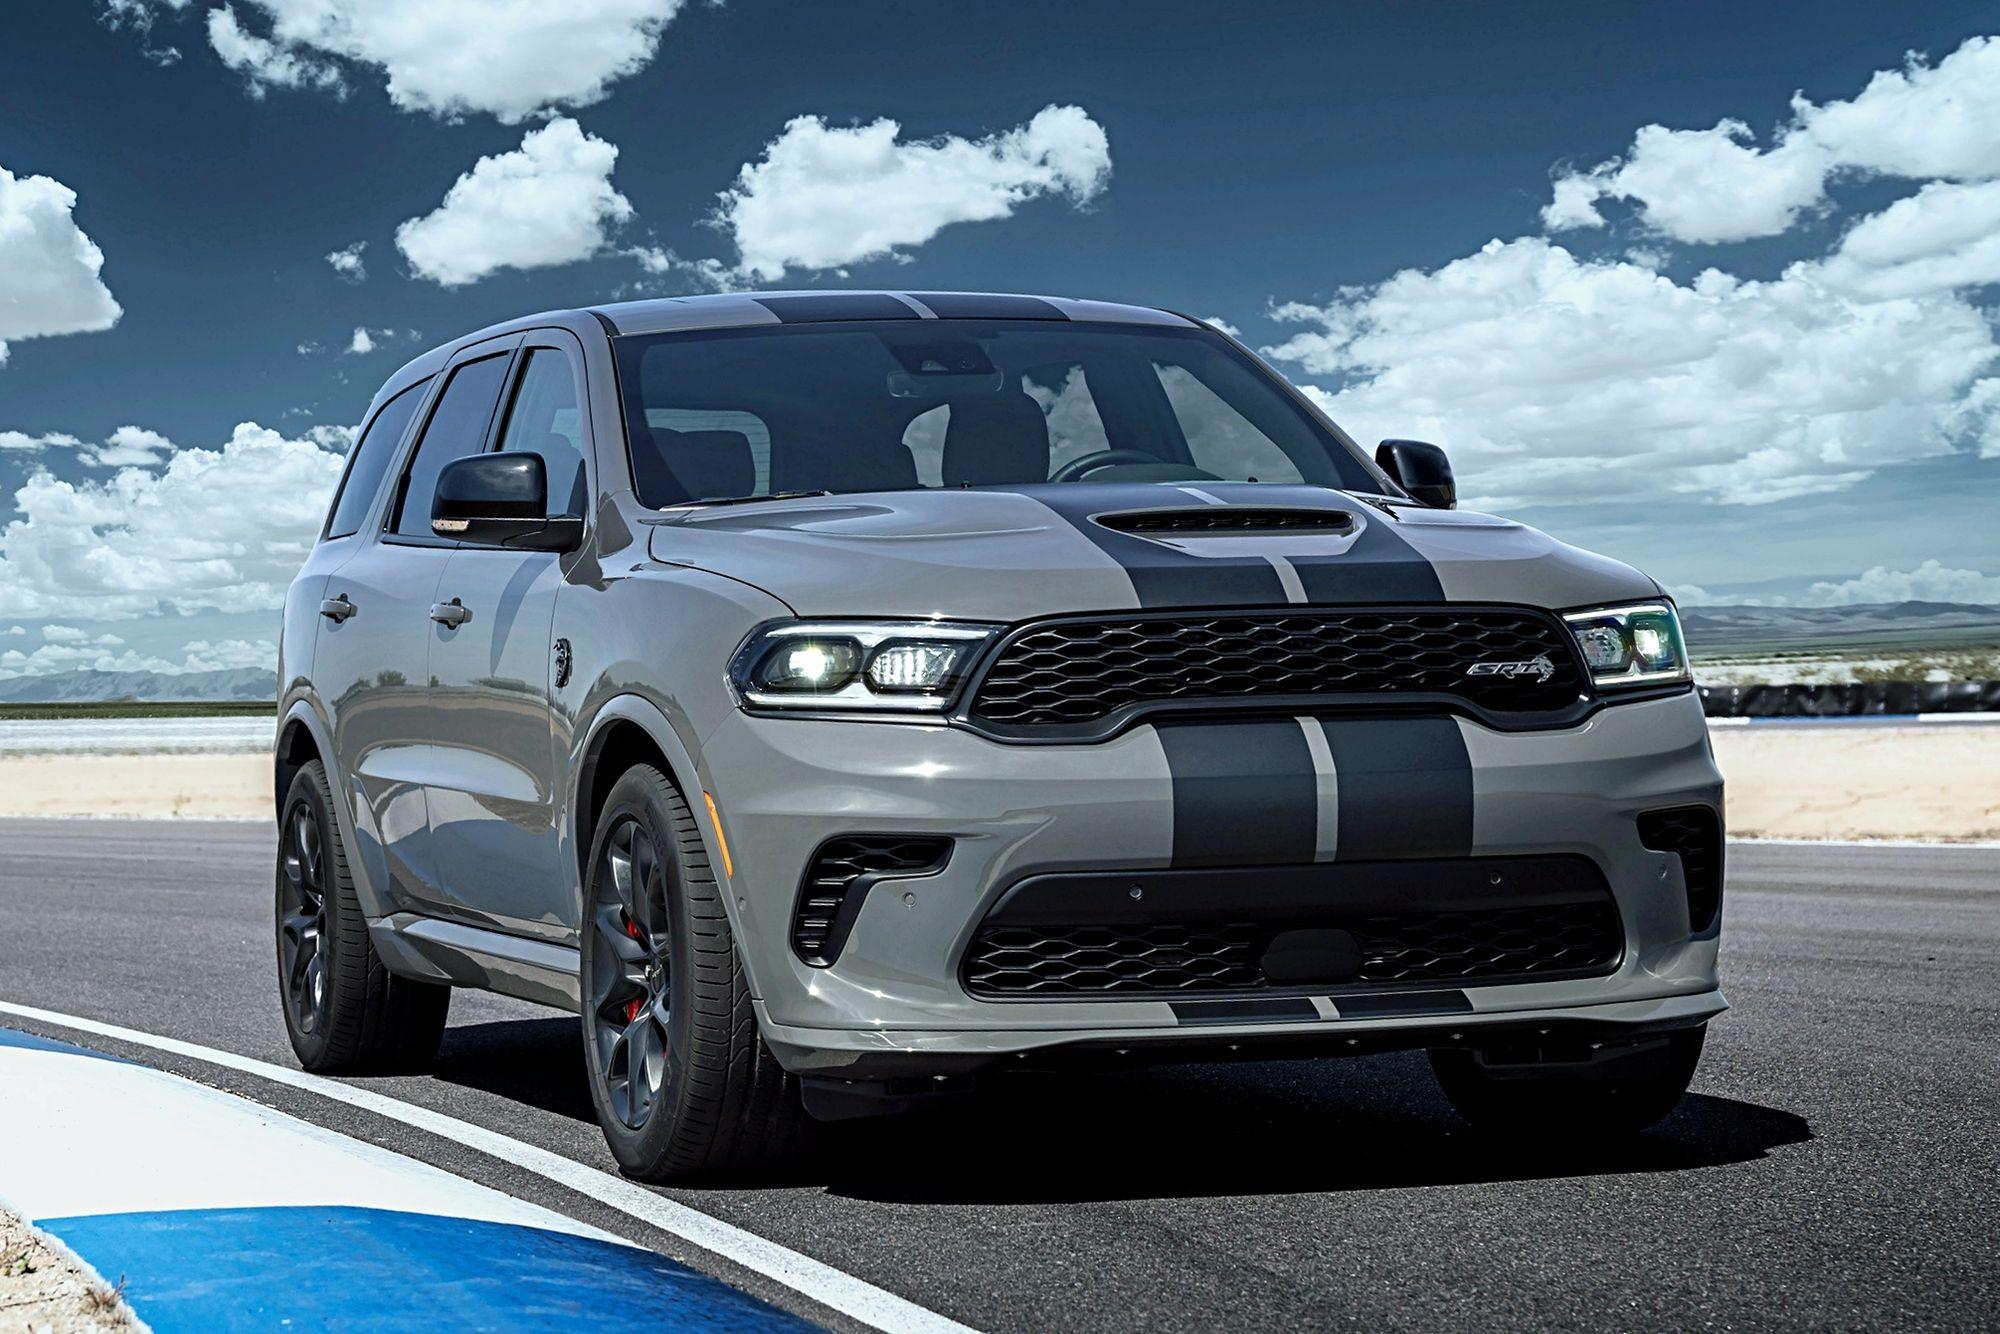 Dodge выпустит самый мощный внедорожник